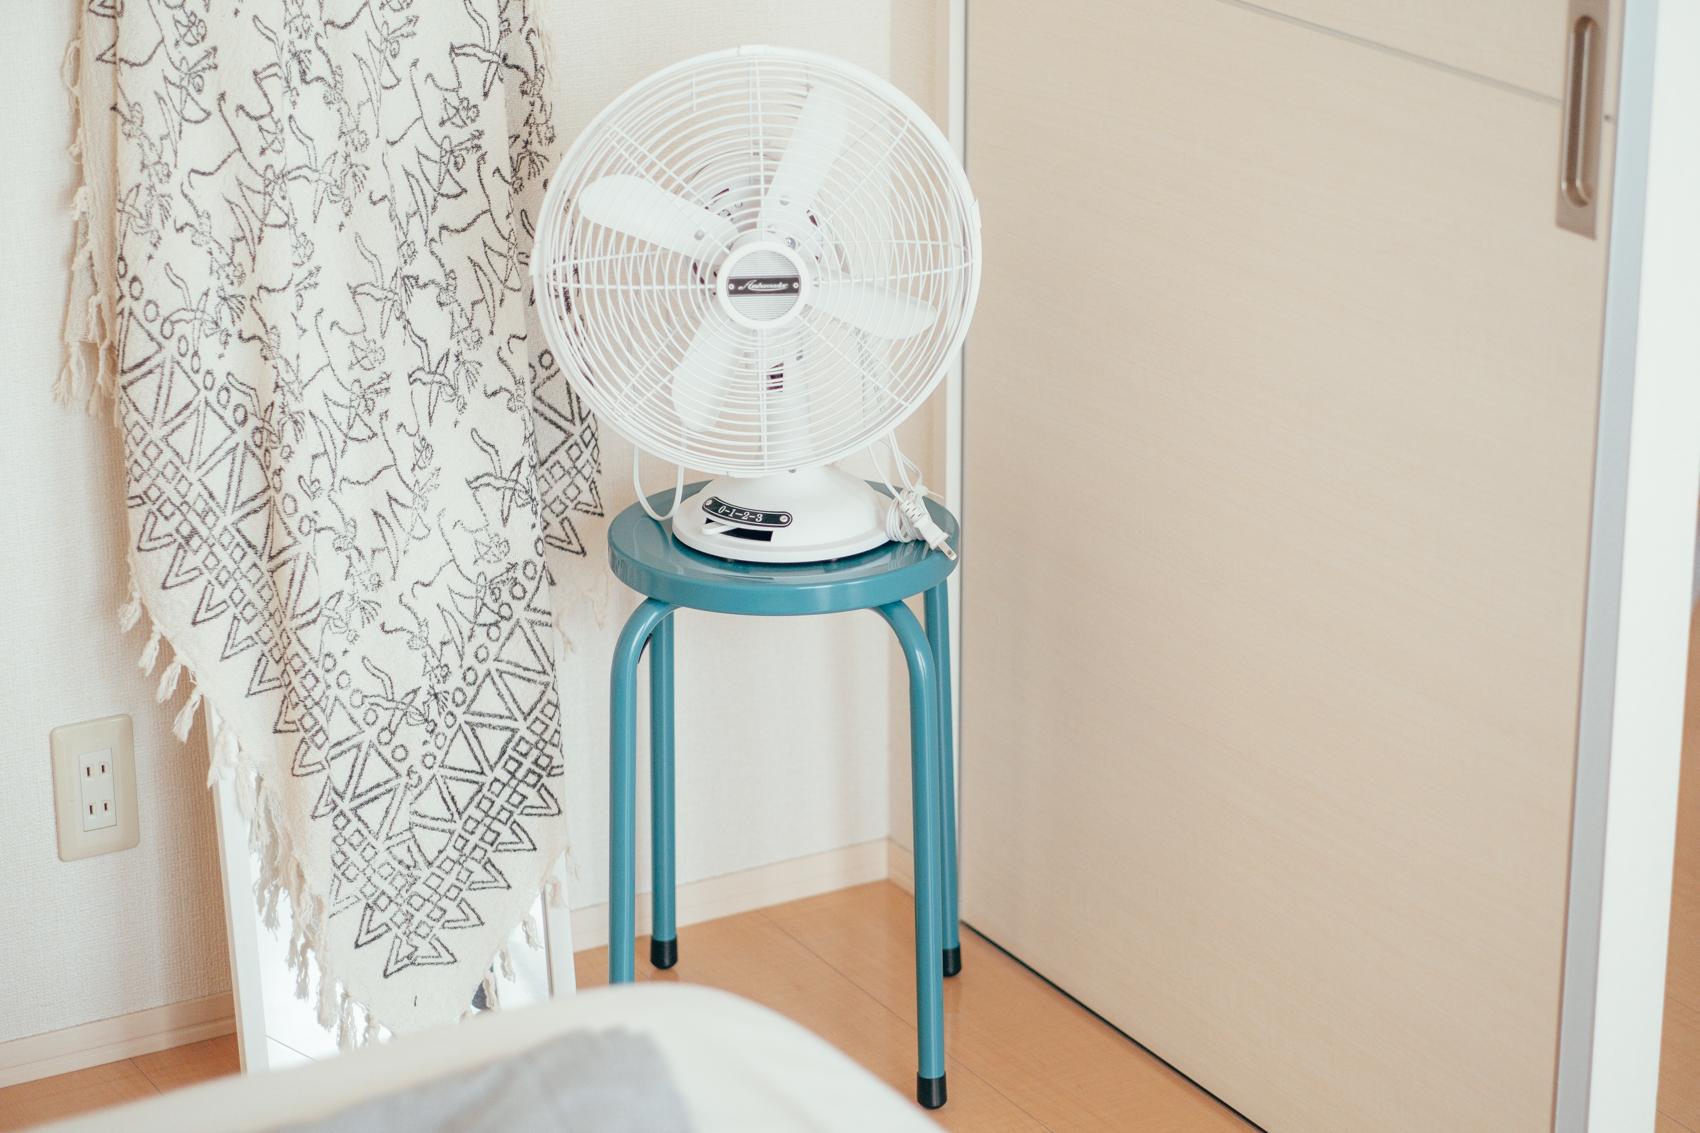 「窓が大きな分、季節によって扇風機や加湿器は必須のアイテムです。最近CAINZで見つけたスチールスツールのデザインと色合いが可愛くて、差し色としての役割も持たせつつ、その上に置いて使っています。」